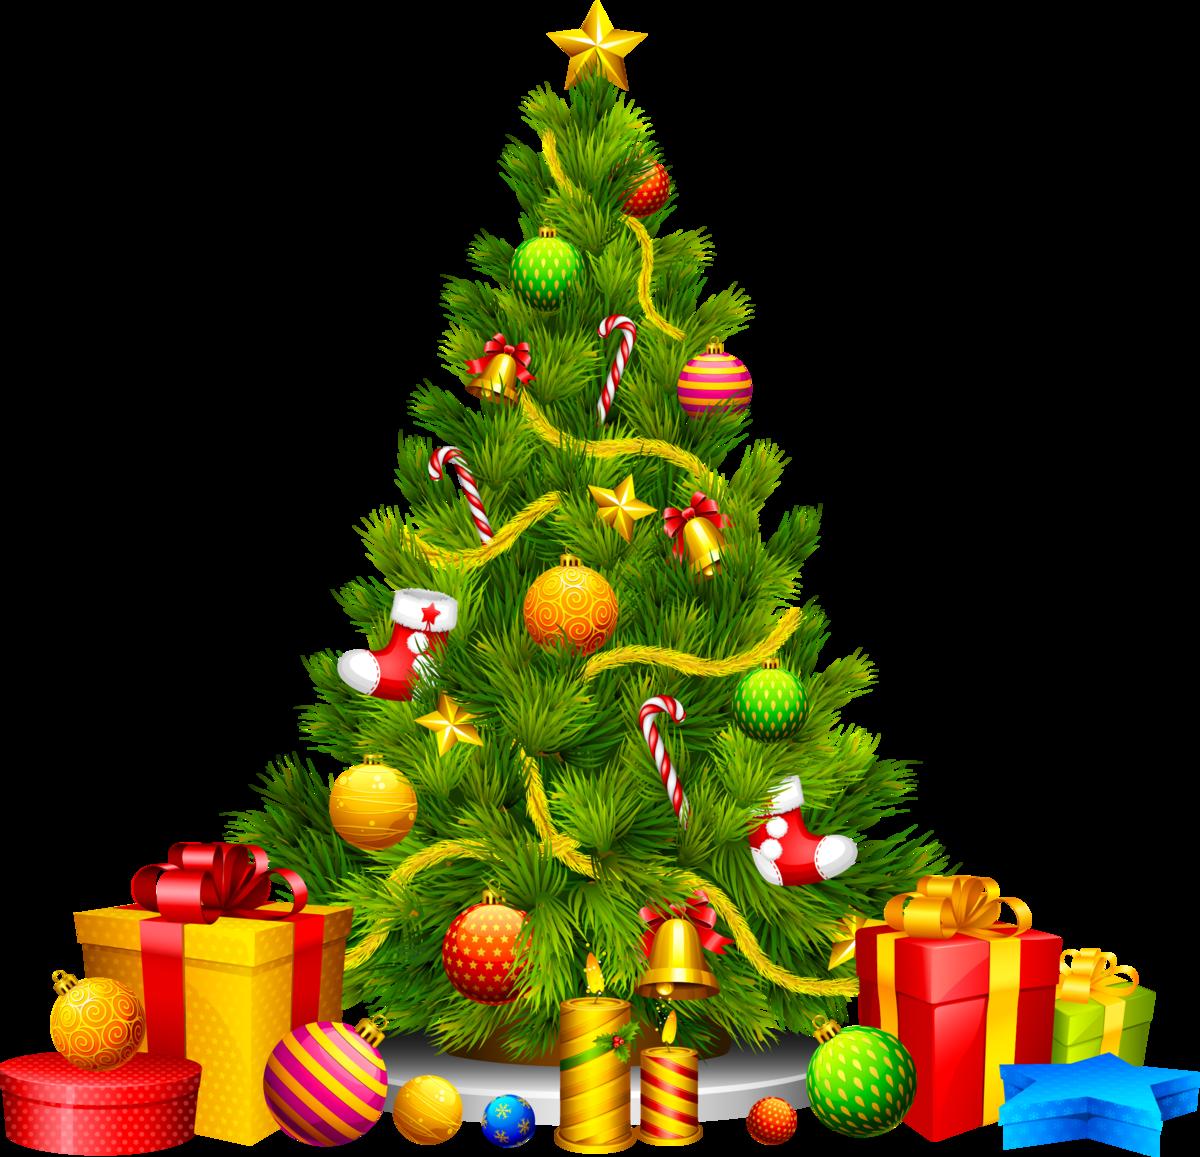 Картинки елки новогодней, пионы